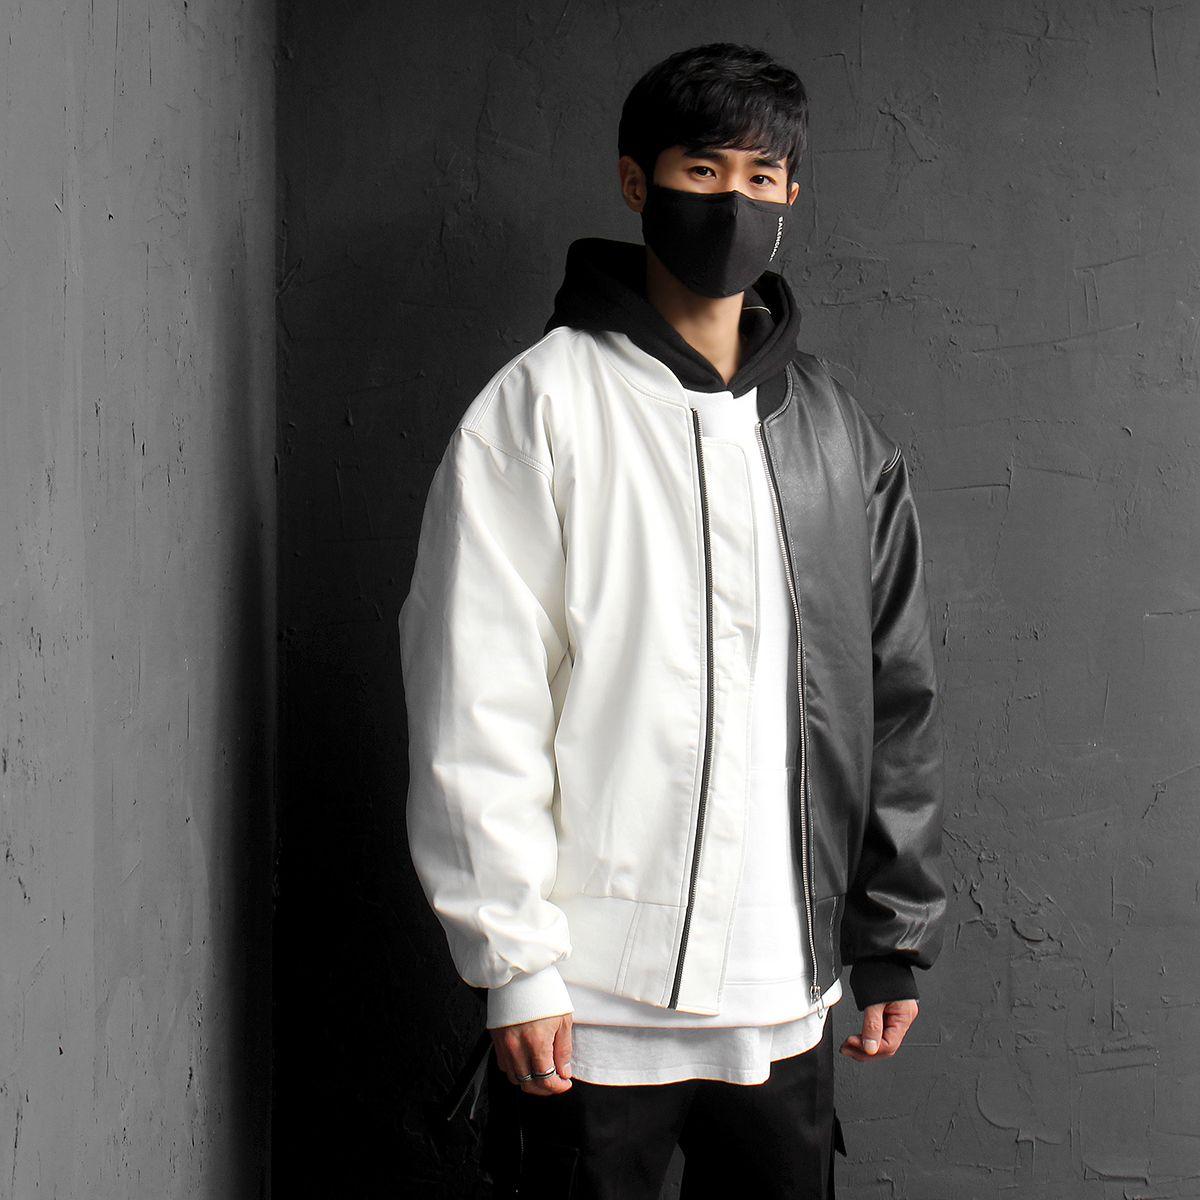 Half Black White Contrast Color Faux Leather Bomber Jacket 077 Faux Leather Bomber Jacket Jackets Bomber Jacket [ 1200 x 1200 Pixel ]